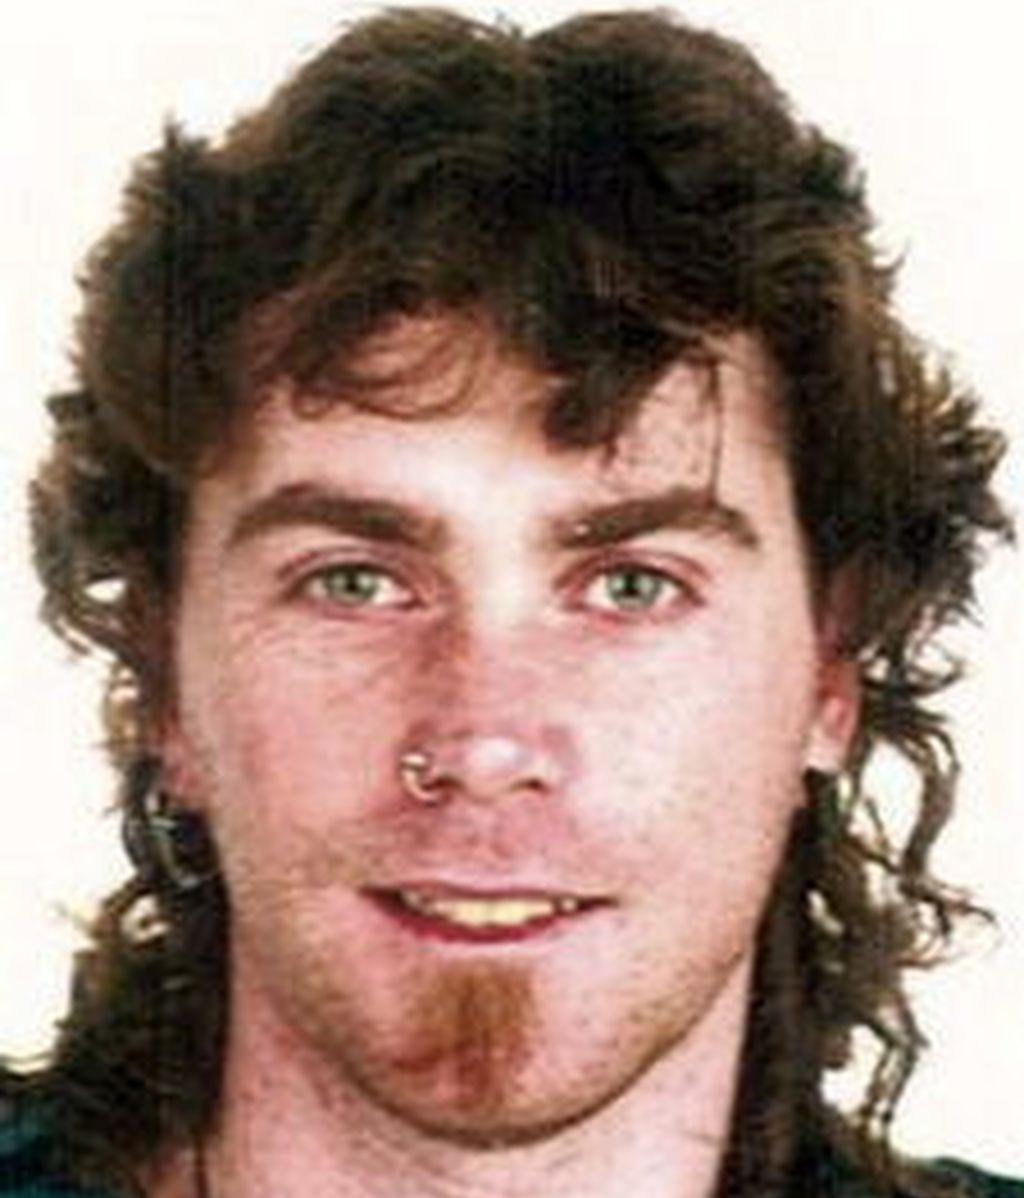 Imagen de archivo del presunto miembro de ETA, Ernesto Prat Urkainzi